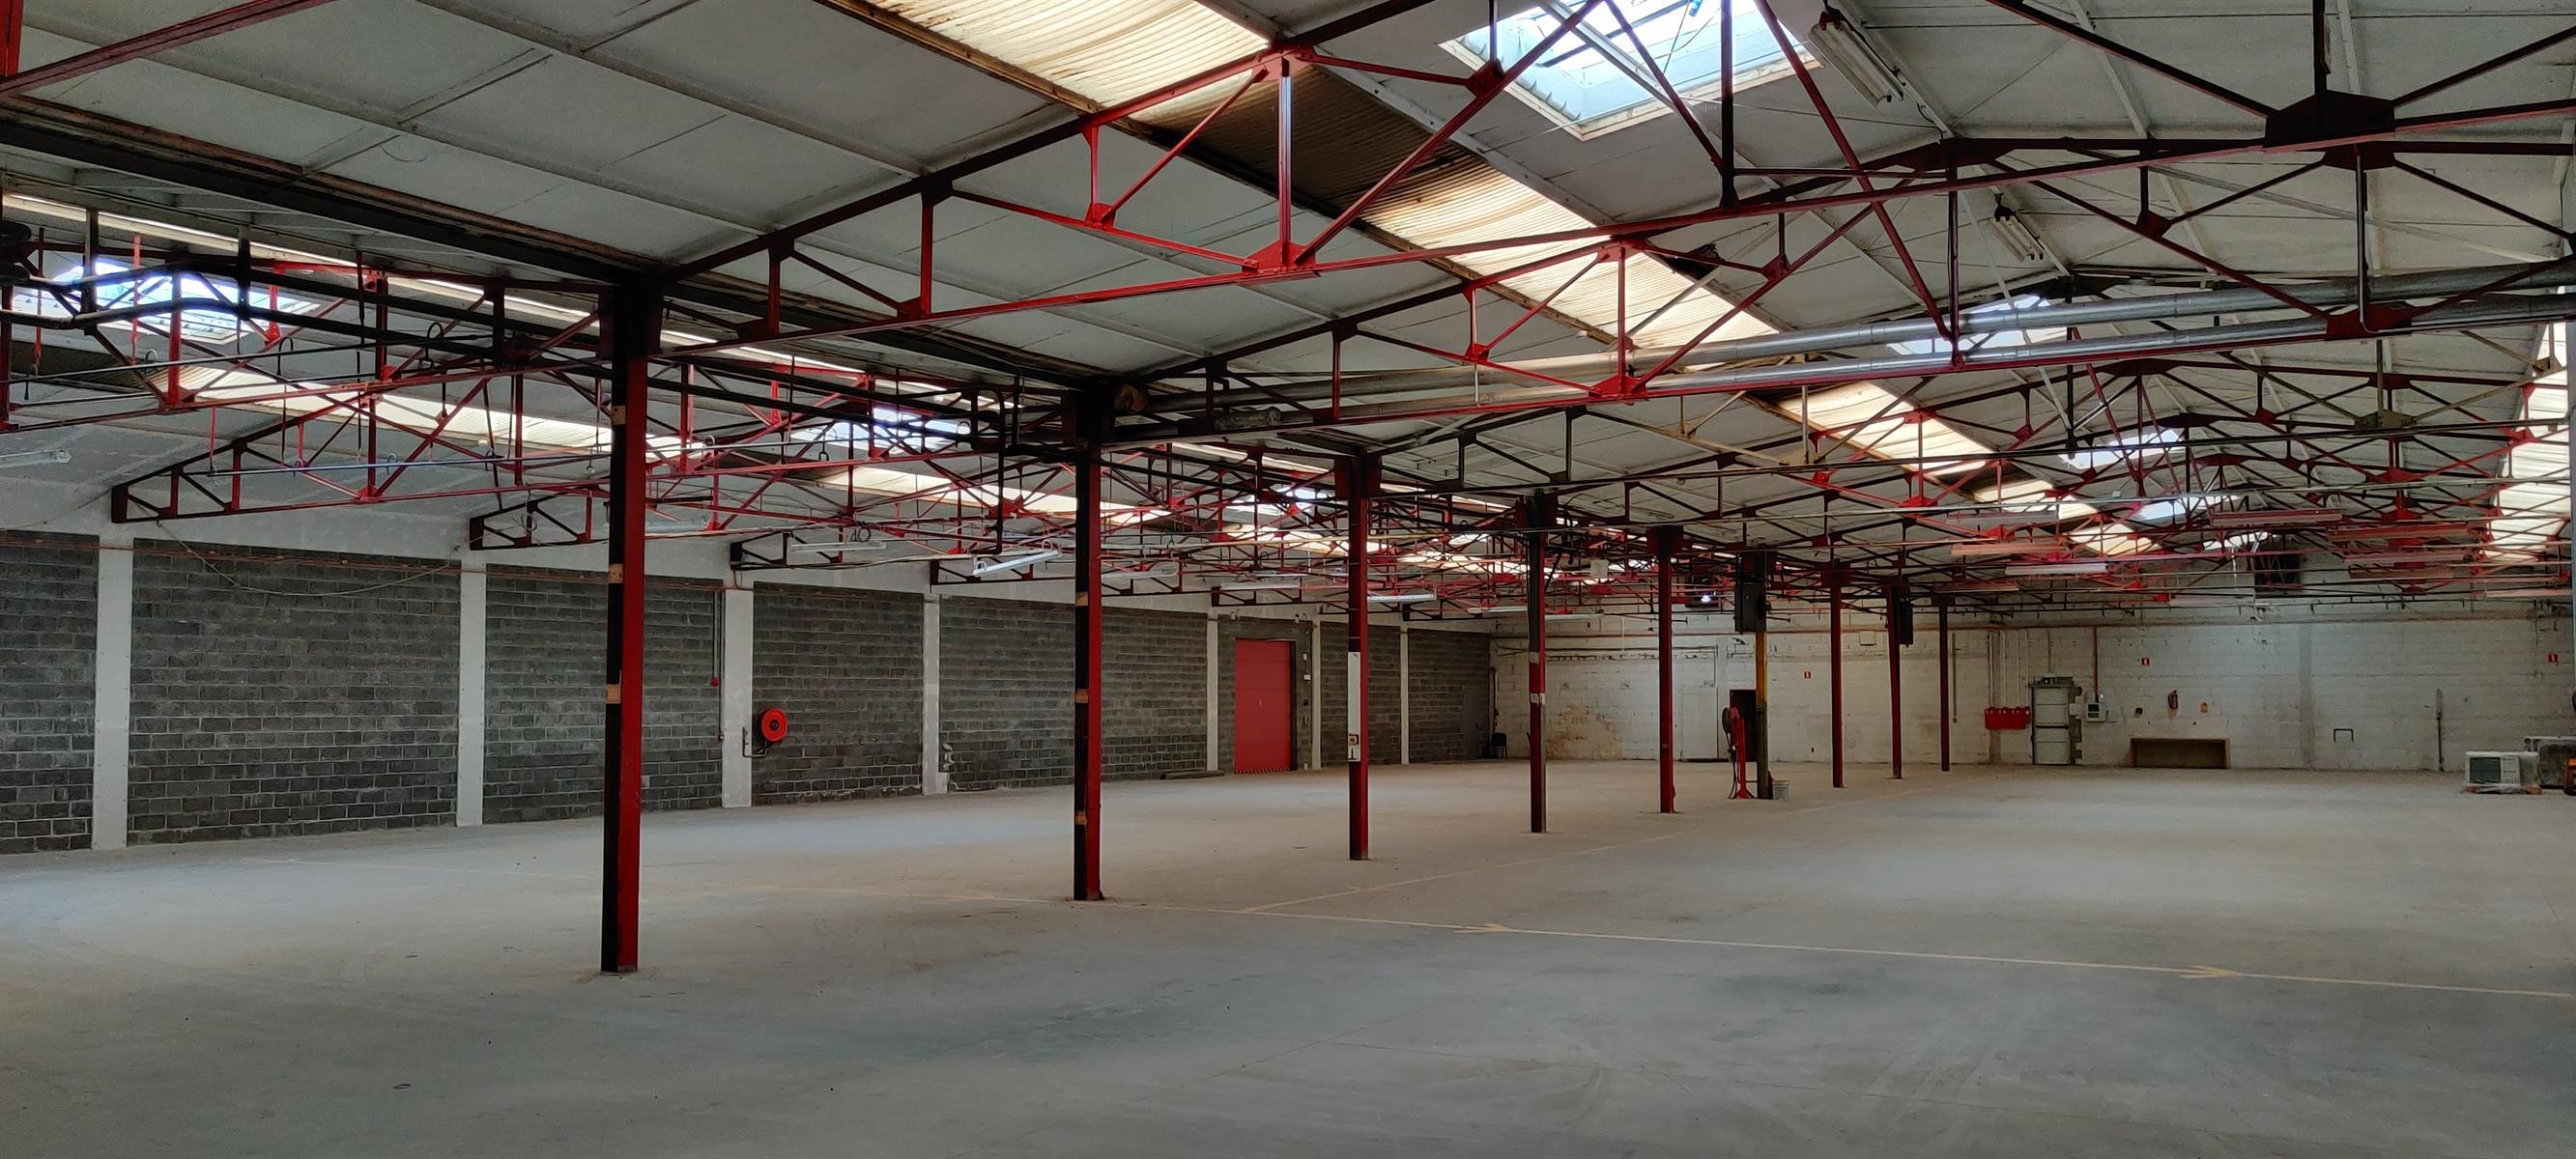 gebouw voor gemengd gebruik te huur I158 - Lumbeekstraat 38, 1700 Dilbeek Sint-Ulriks-Kapelle, België 11